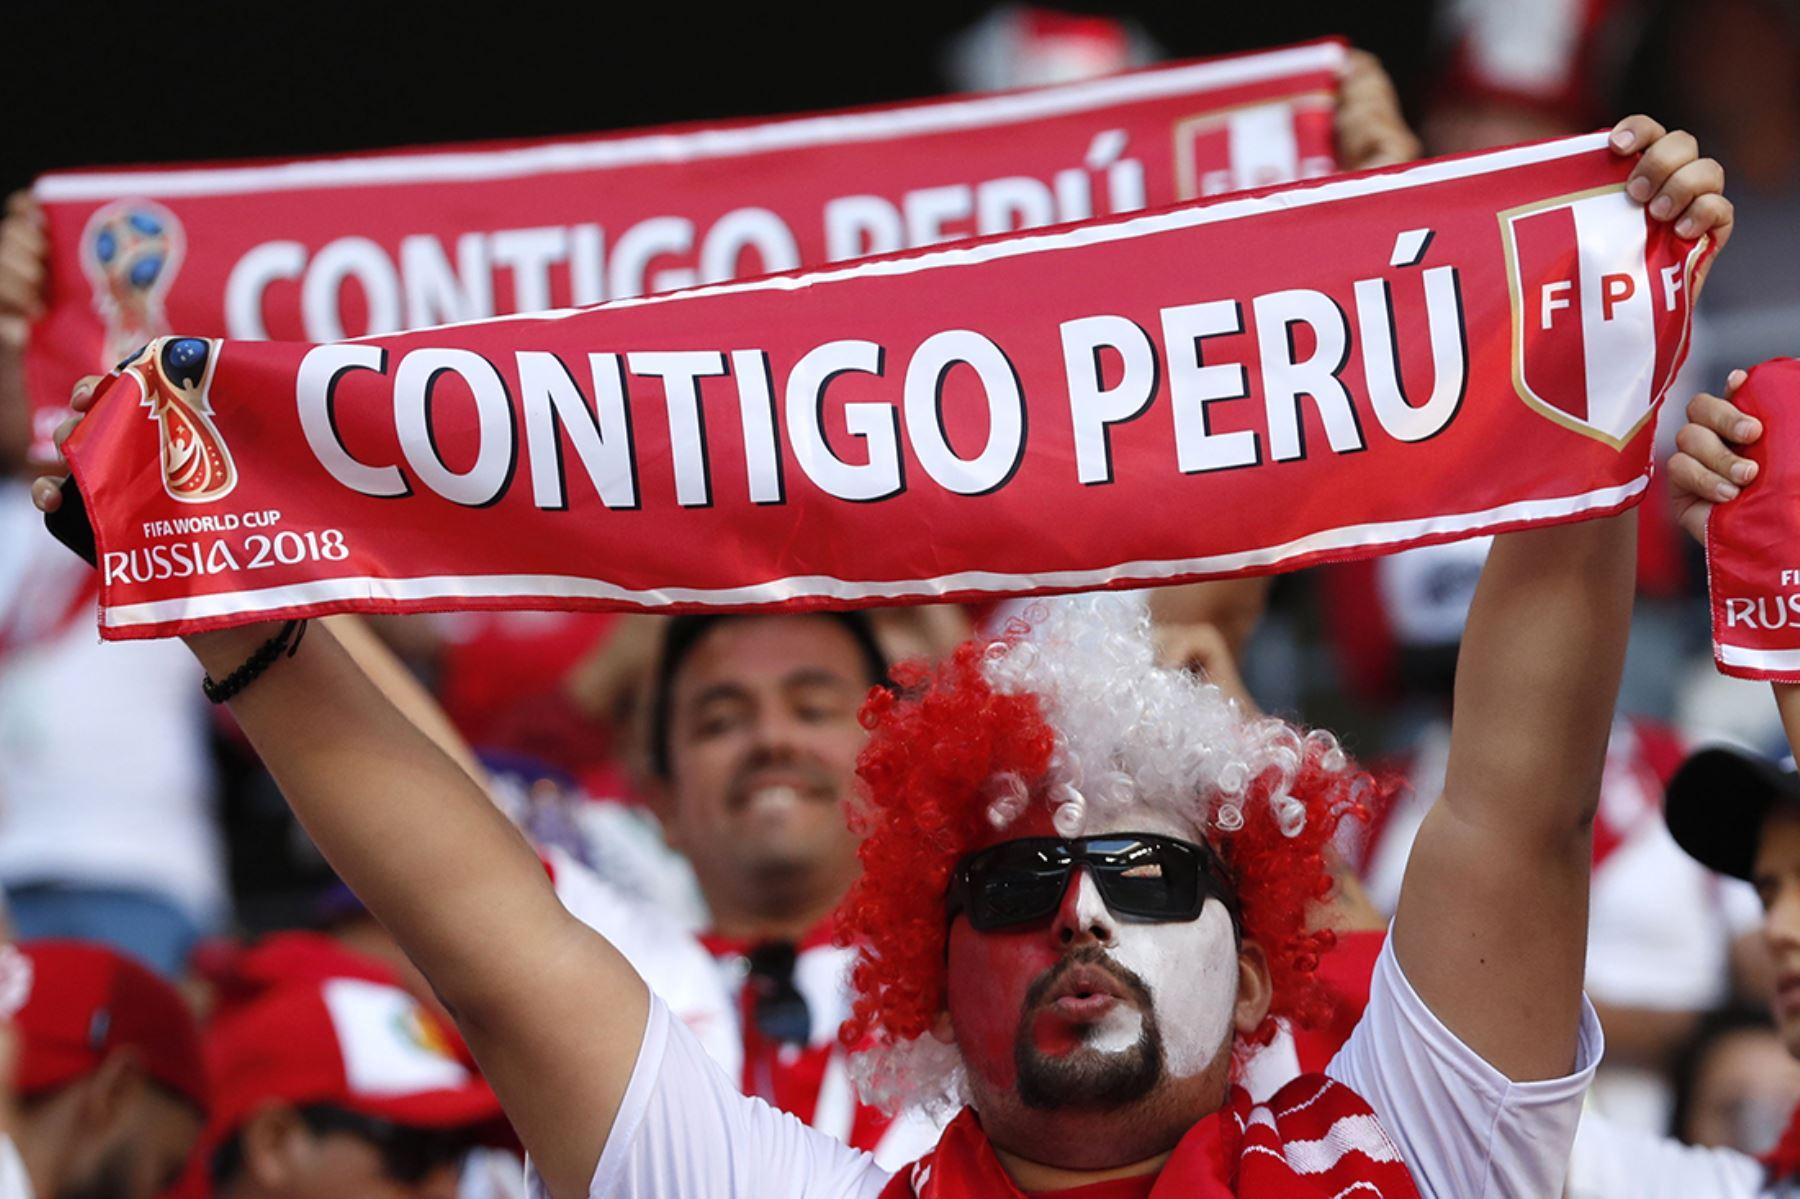 Perú-Chile: ¿Qué medidas deben tomar los hinchas para entrar a El Nacional?